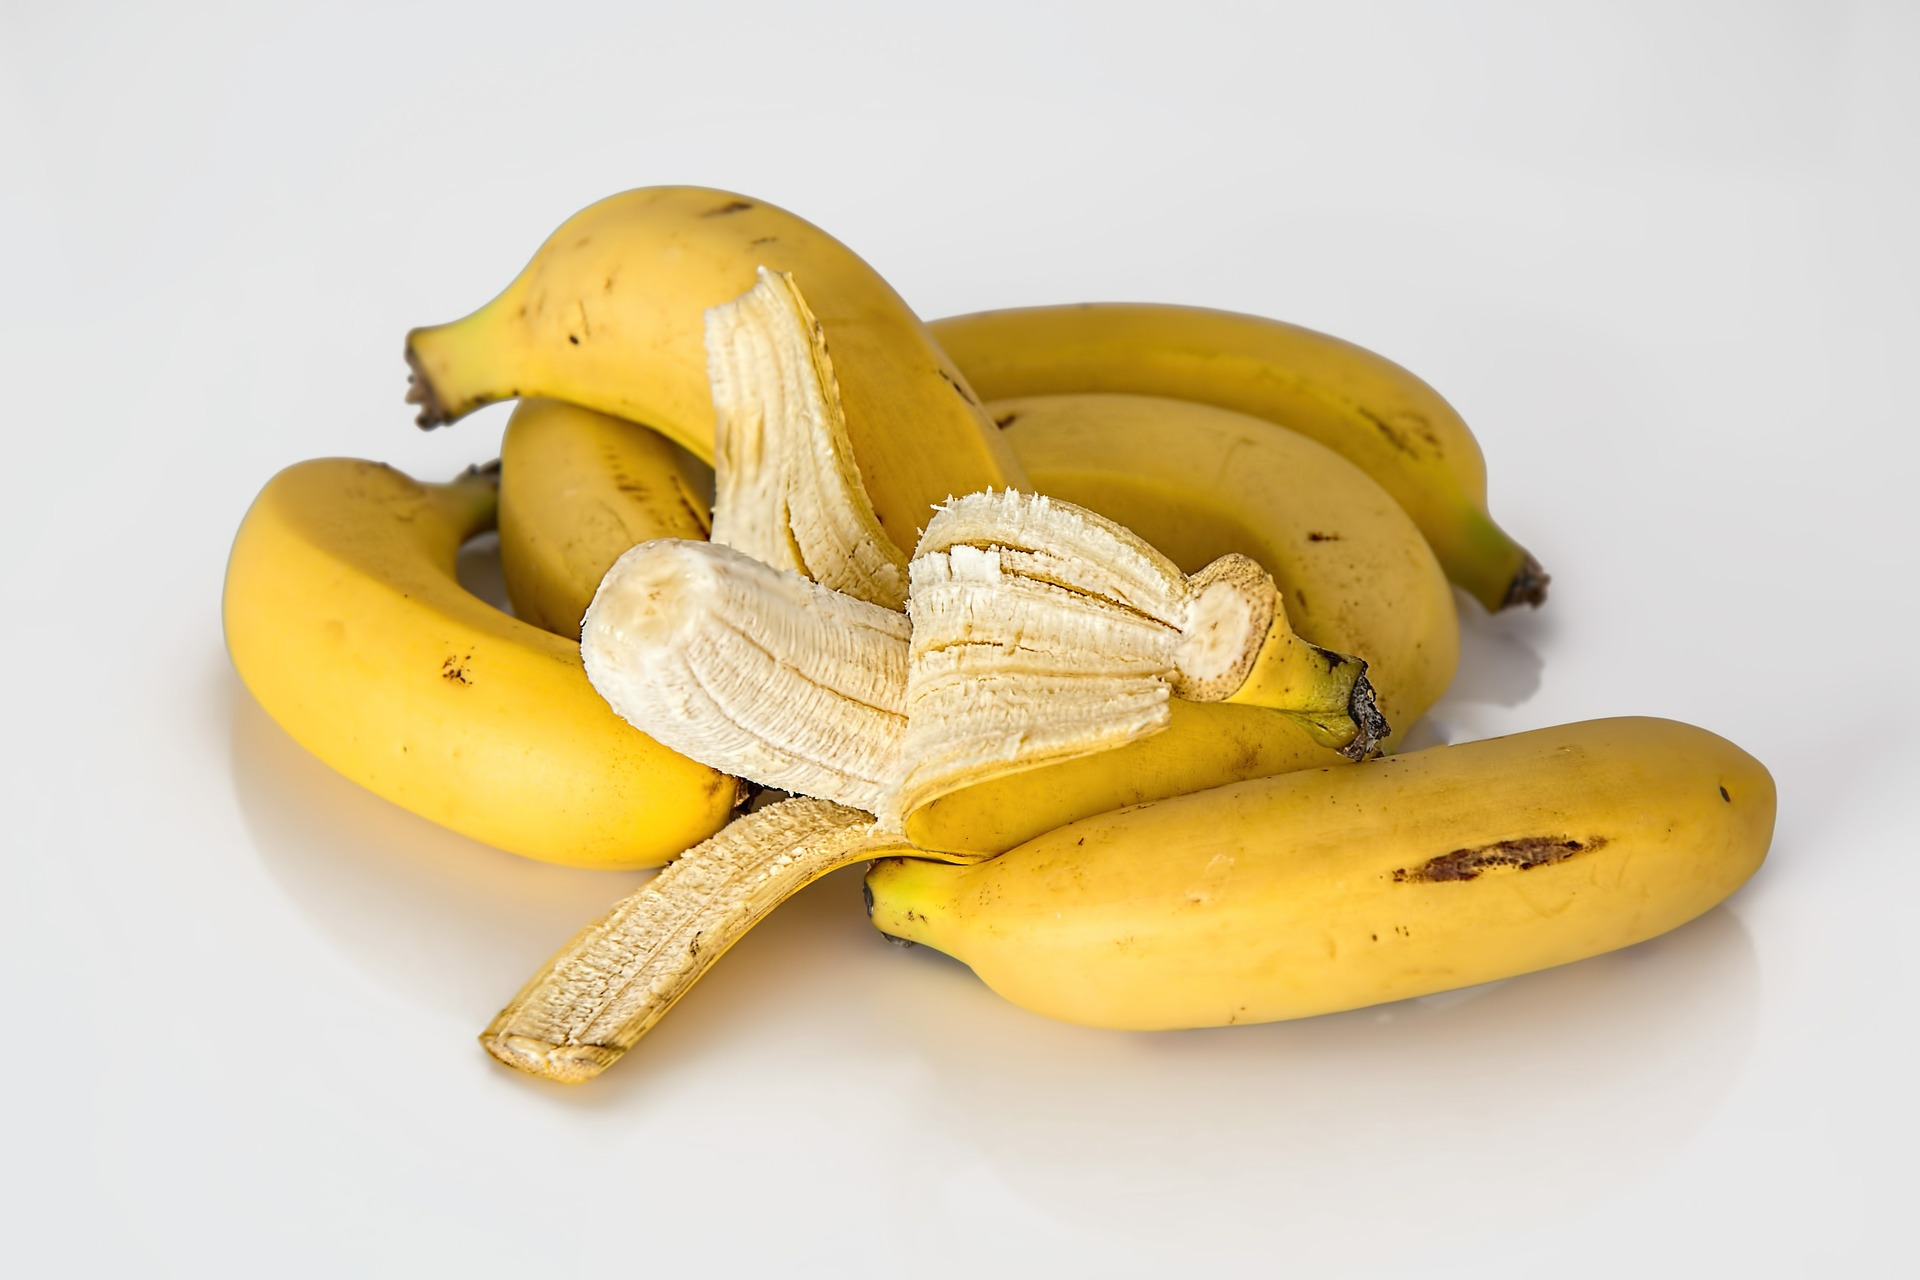 Ce rol au firele albe ce se desprind de pe banane?